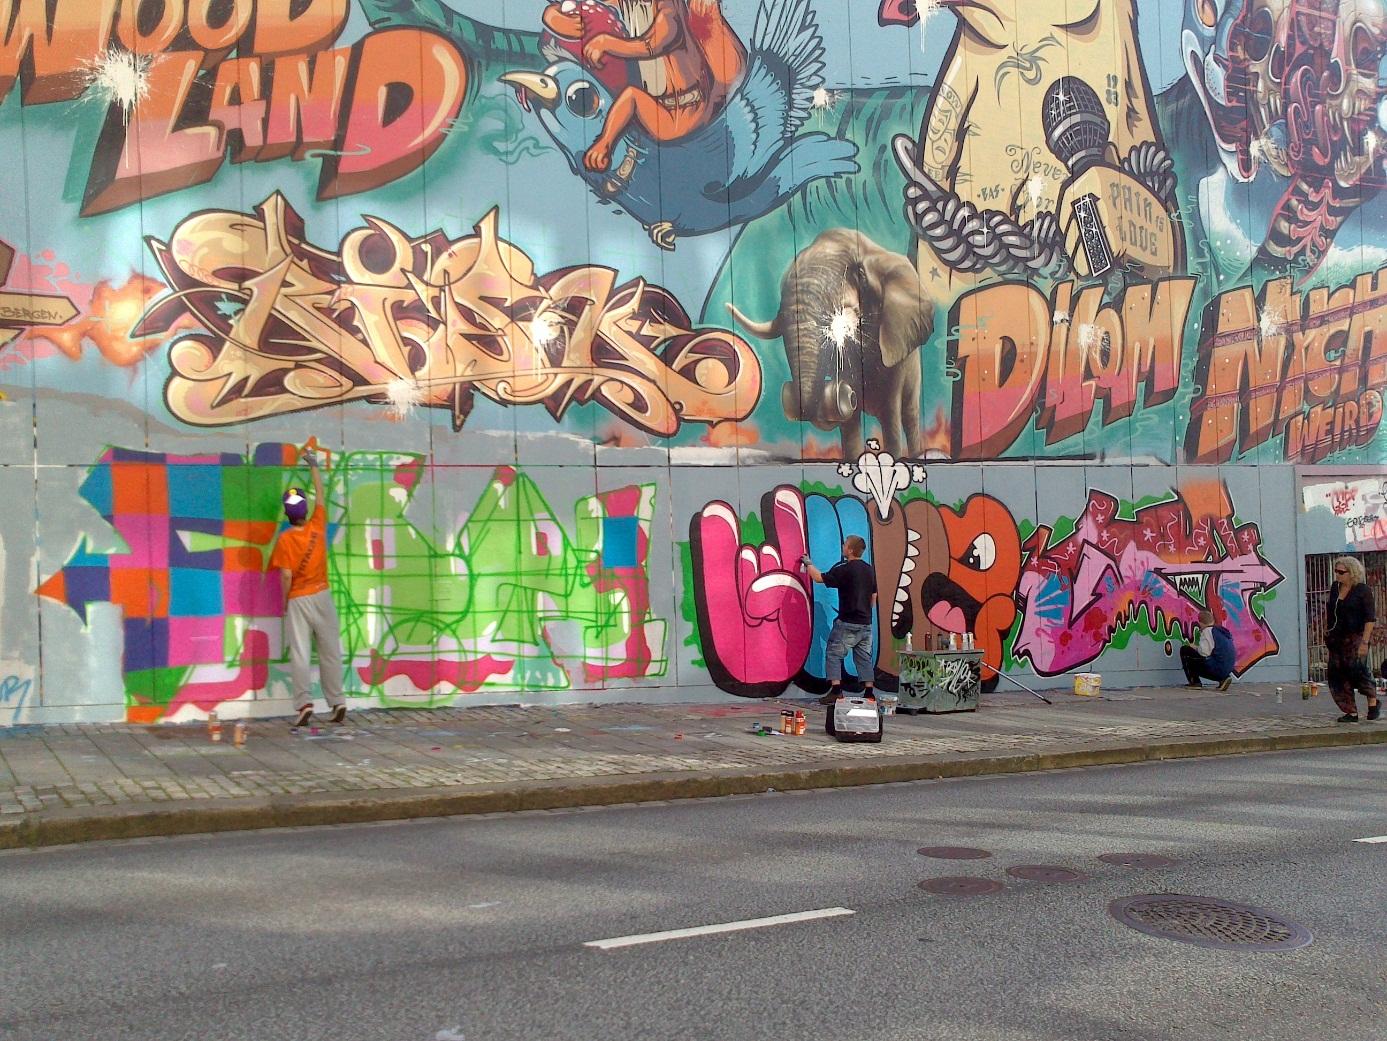 Graffitimalere med ulike stiler på lovligveggen Sentralbadet sommeren 2013. Foto: C. Grasdal